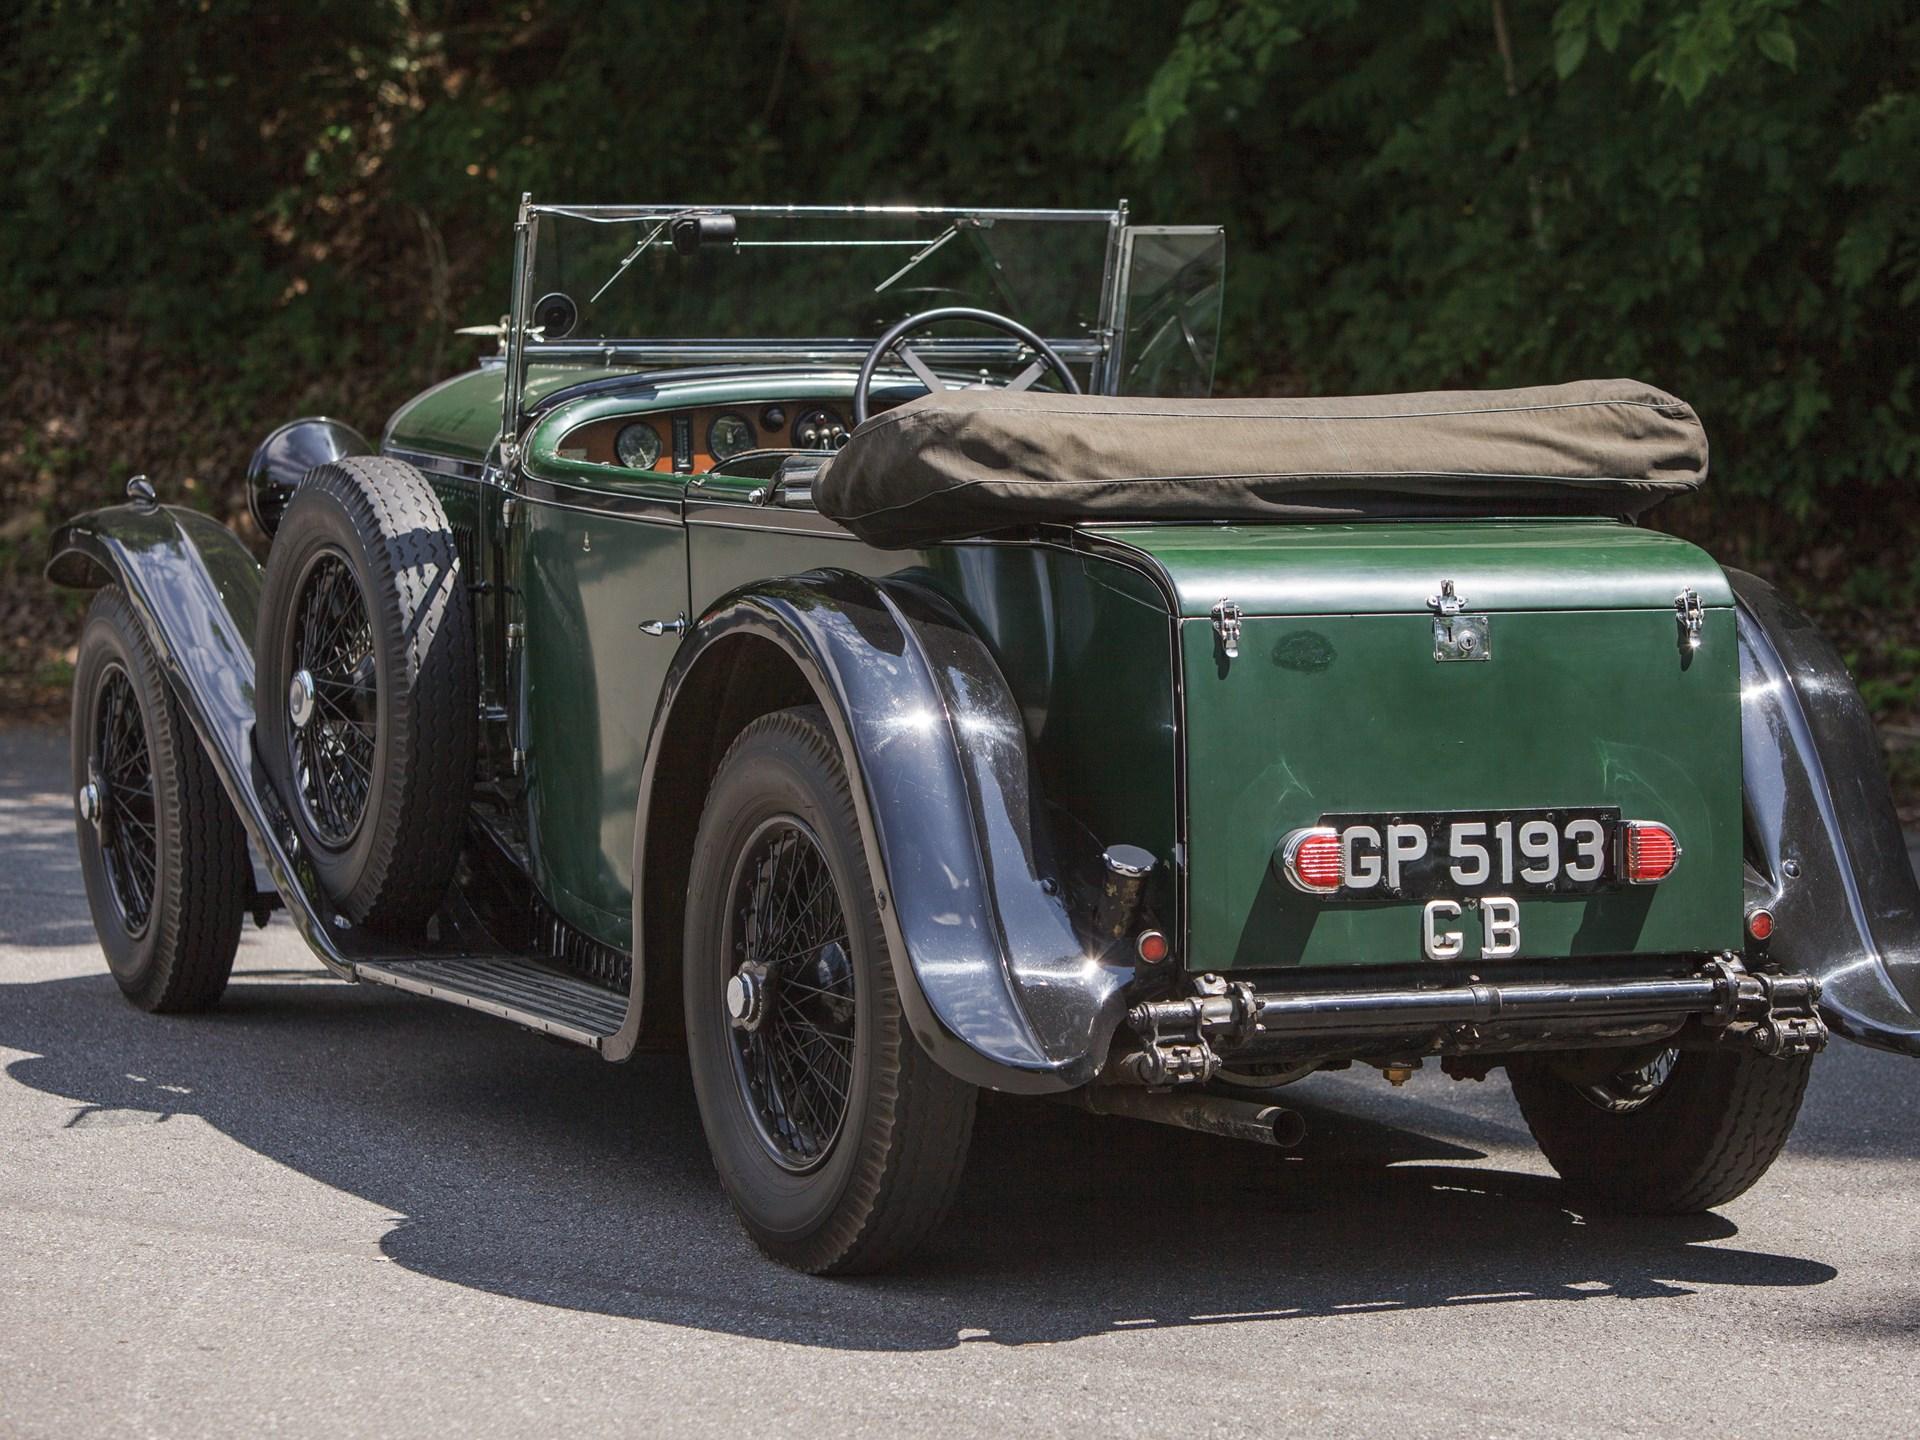 RM Sotheby's - 1931 Bentley 4-Litre Tourer by Vanden Plas